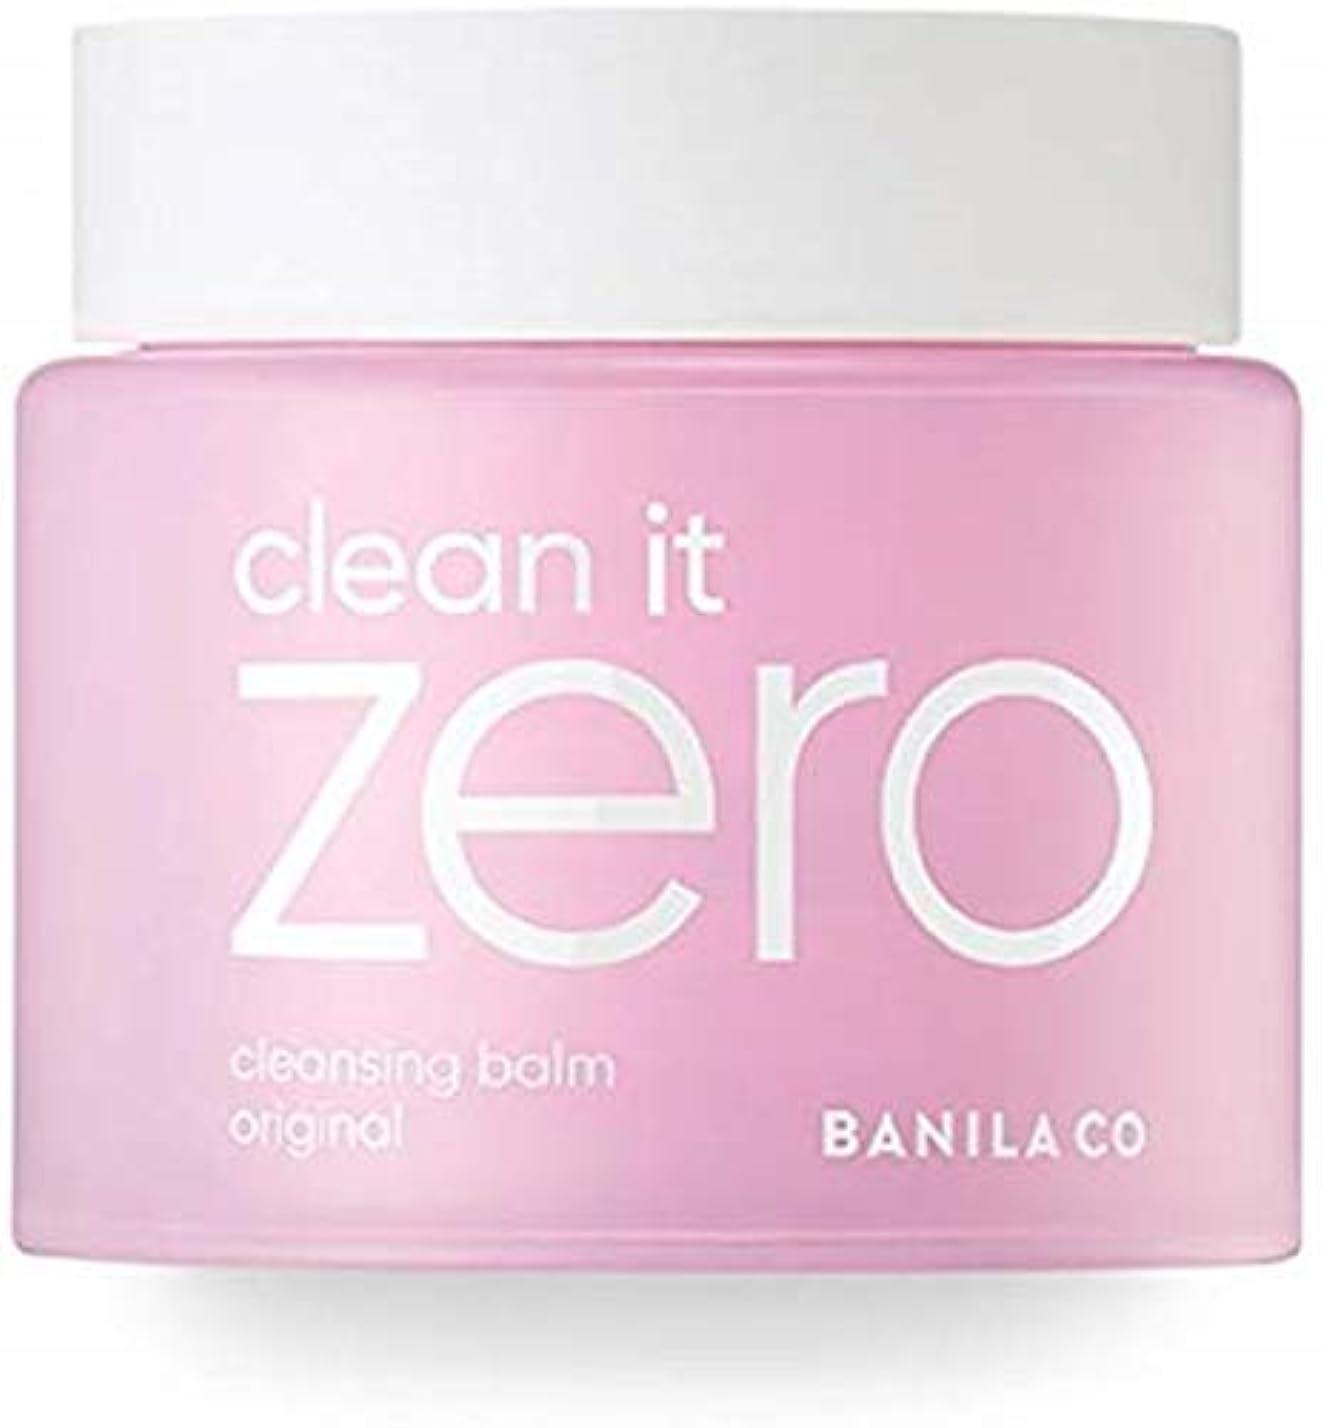 男相関するビスケットBanila co(バニラコー)clean it Zero クリーンイットゼロ 大容量 180ml(刺激のないシャーベットジェルタイプのクレンジング)